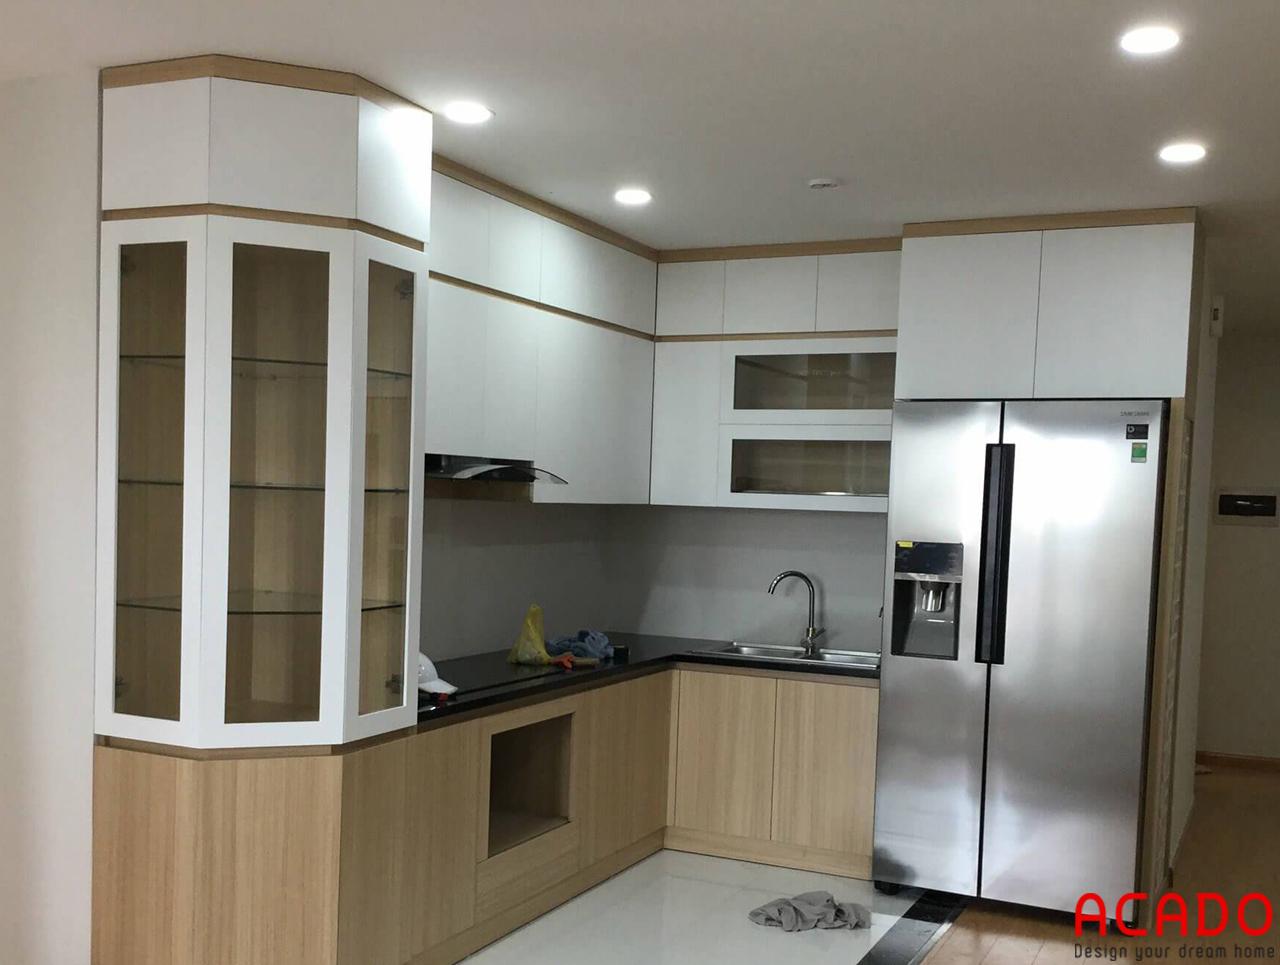 Tủ bếp Melamine màu trắng kết hợp màu vân gỗ sang trọng và ấm cúng